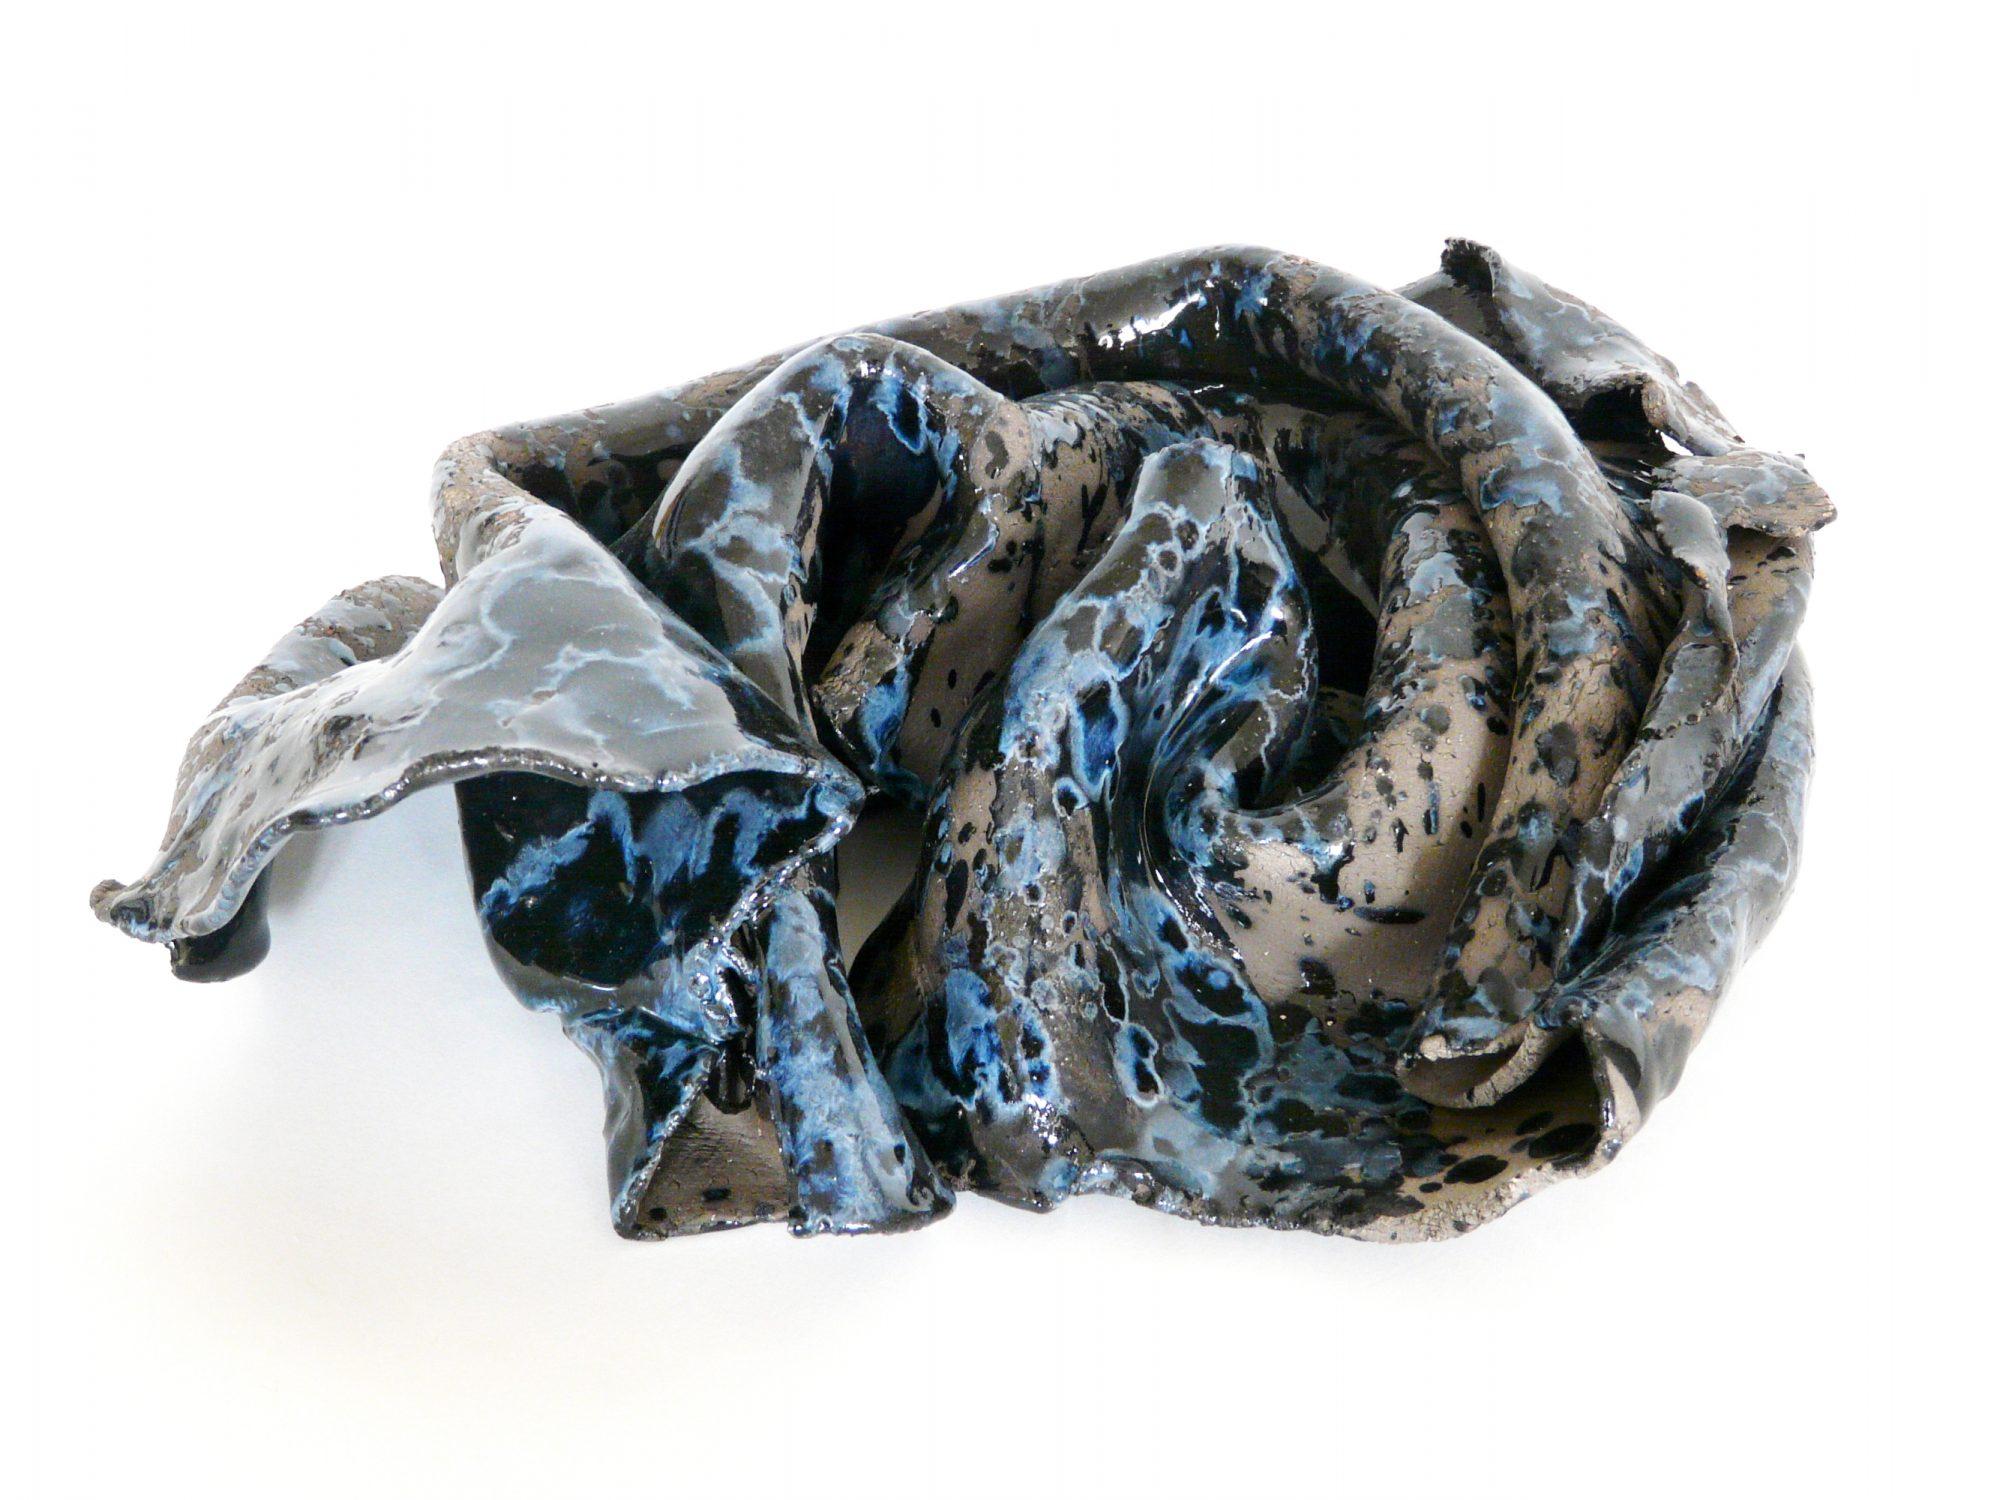 Noli me tangere - Faïence - Terre noire - Sculptures céramique de Florence Lemiegre